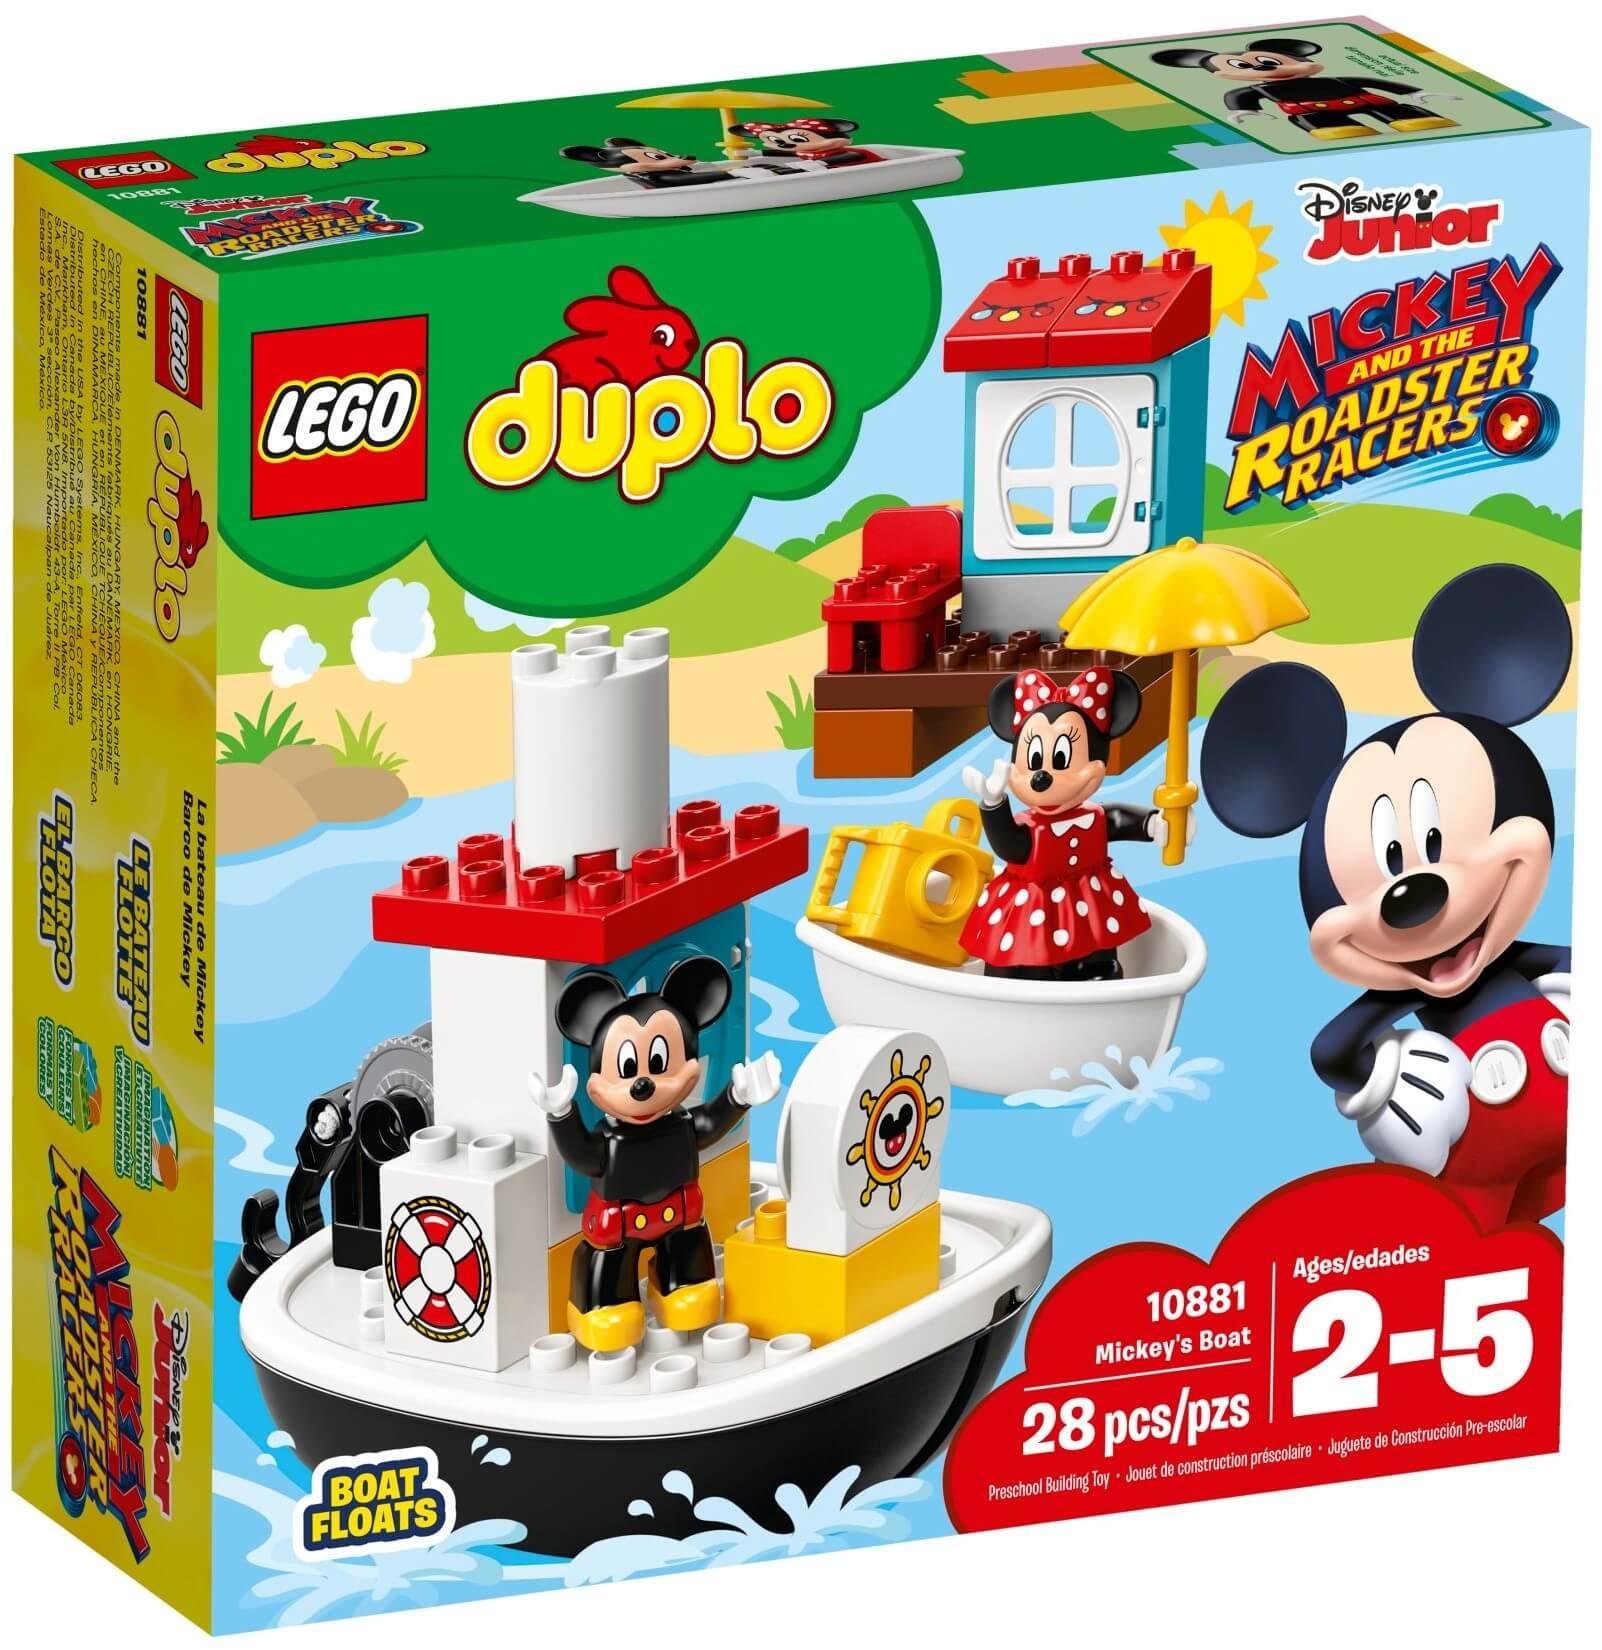 Mua đồ chơi LEGO 10881 - LEGO DUPLO 10881 - Du Thuyền của Mickey và Minnie (LEGO 10881 Mickey's Boat)